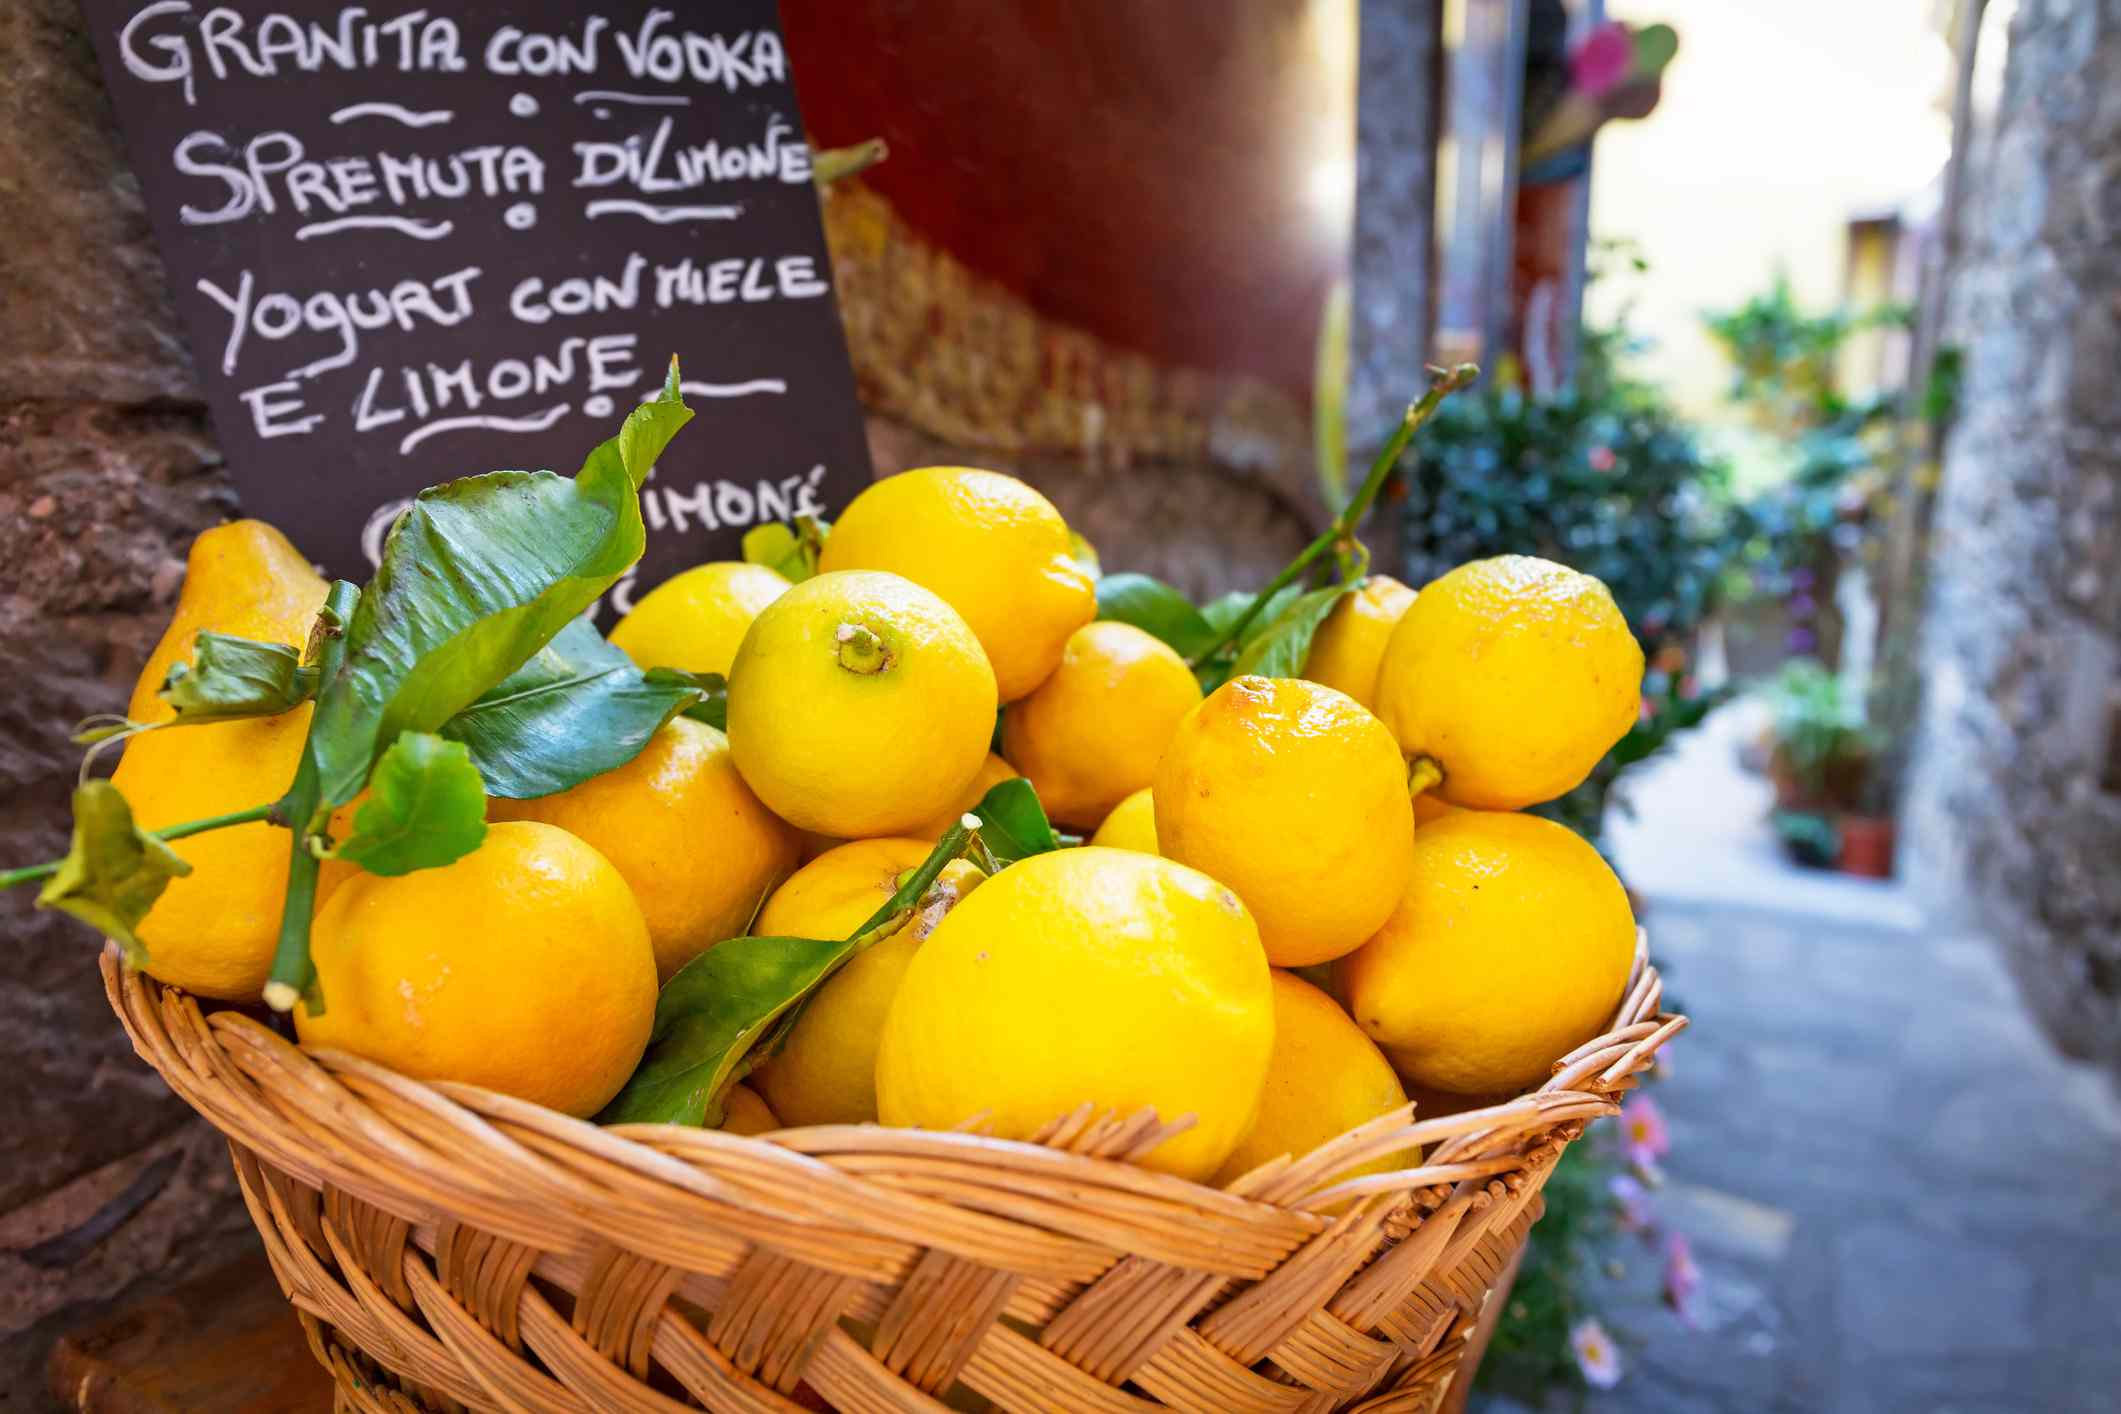 Basket of lemons in Corniglia